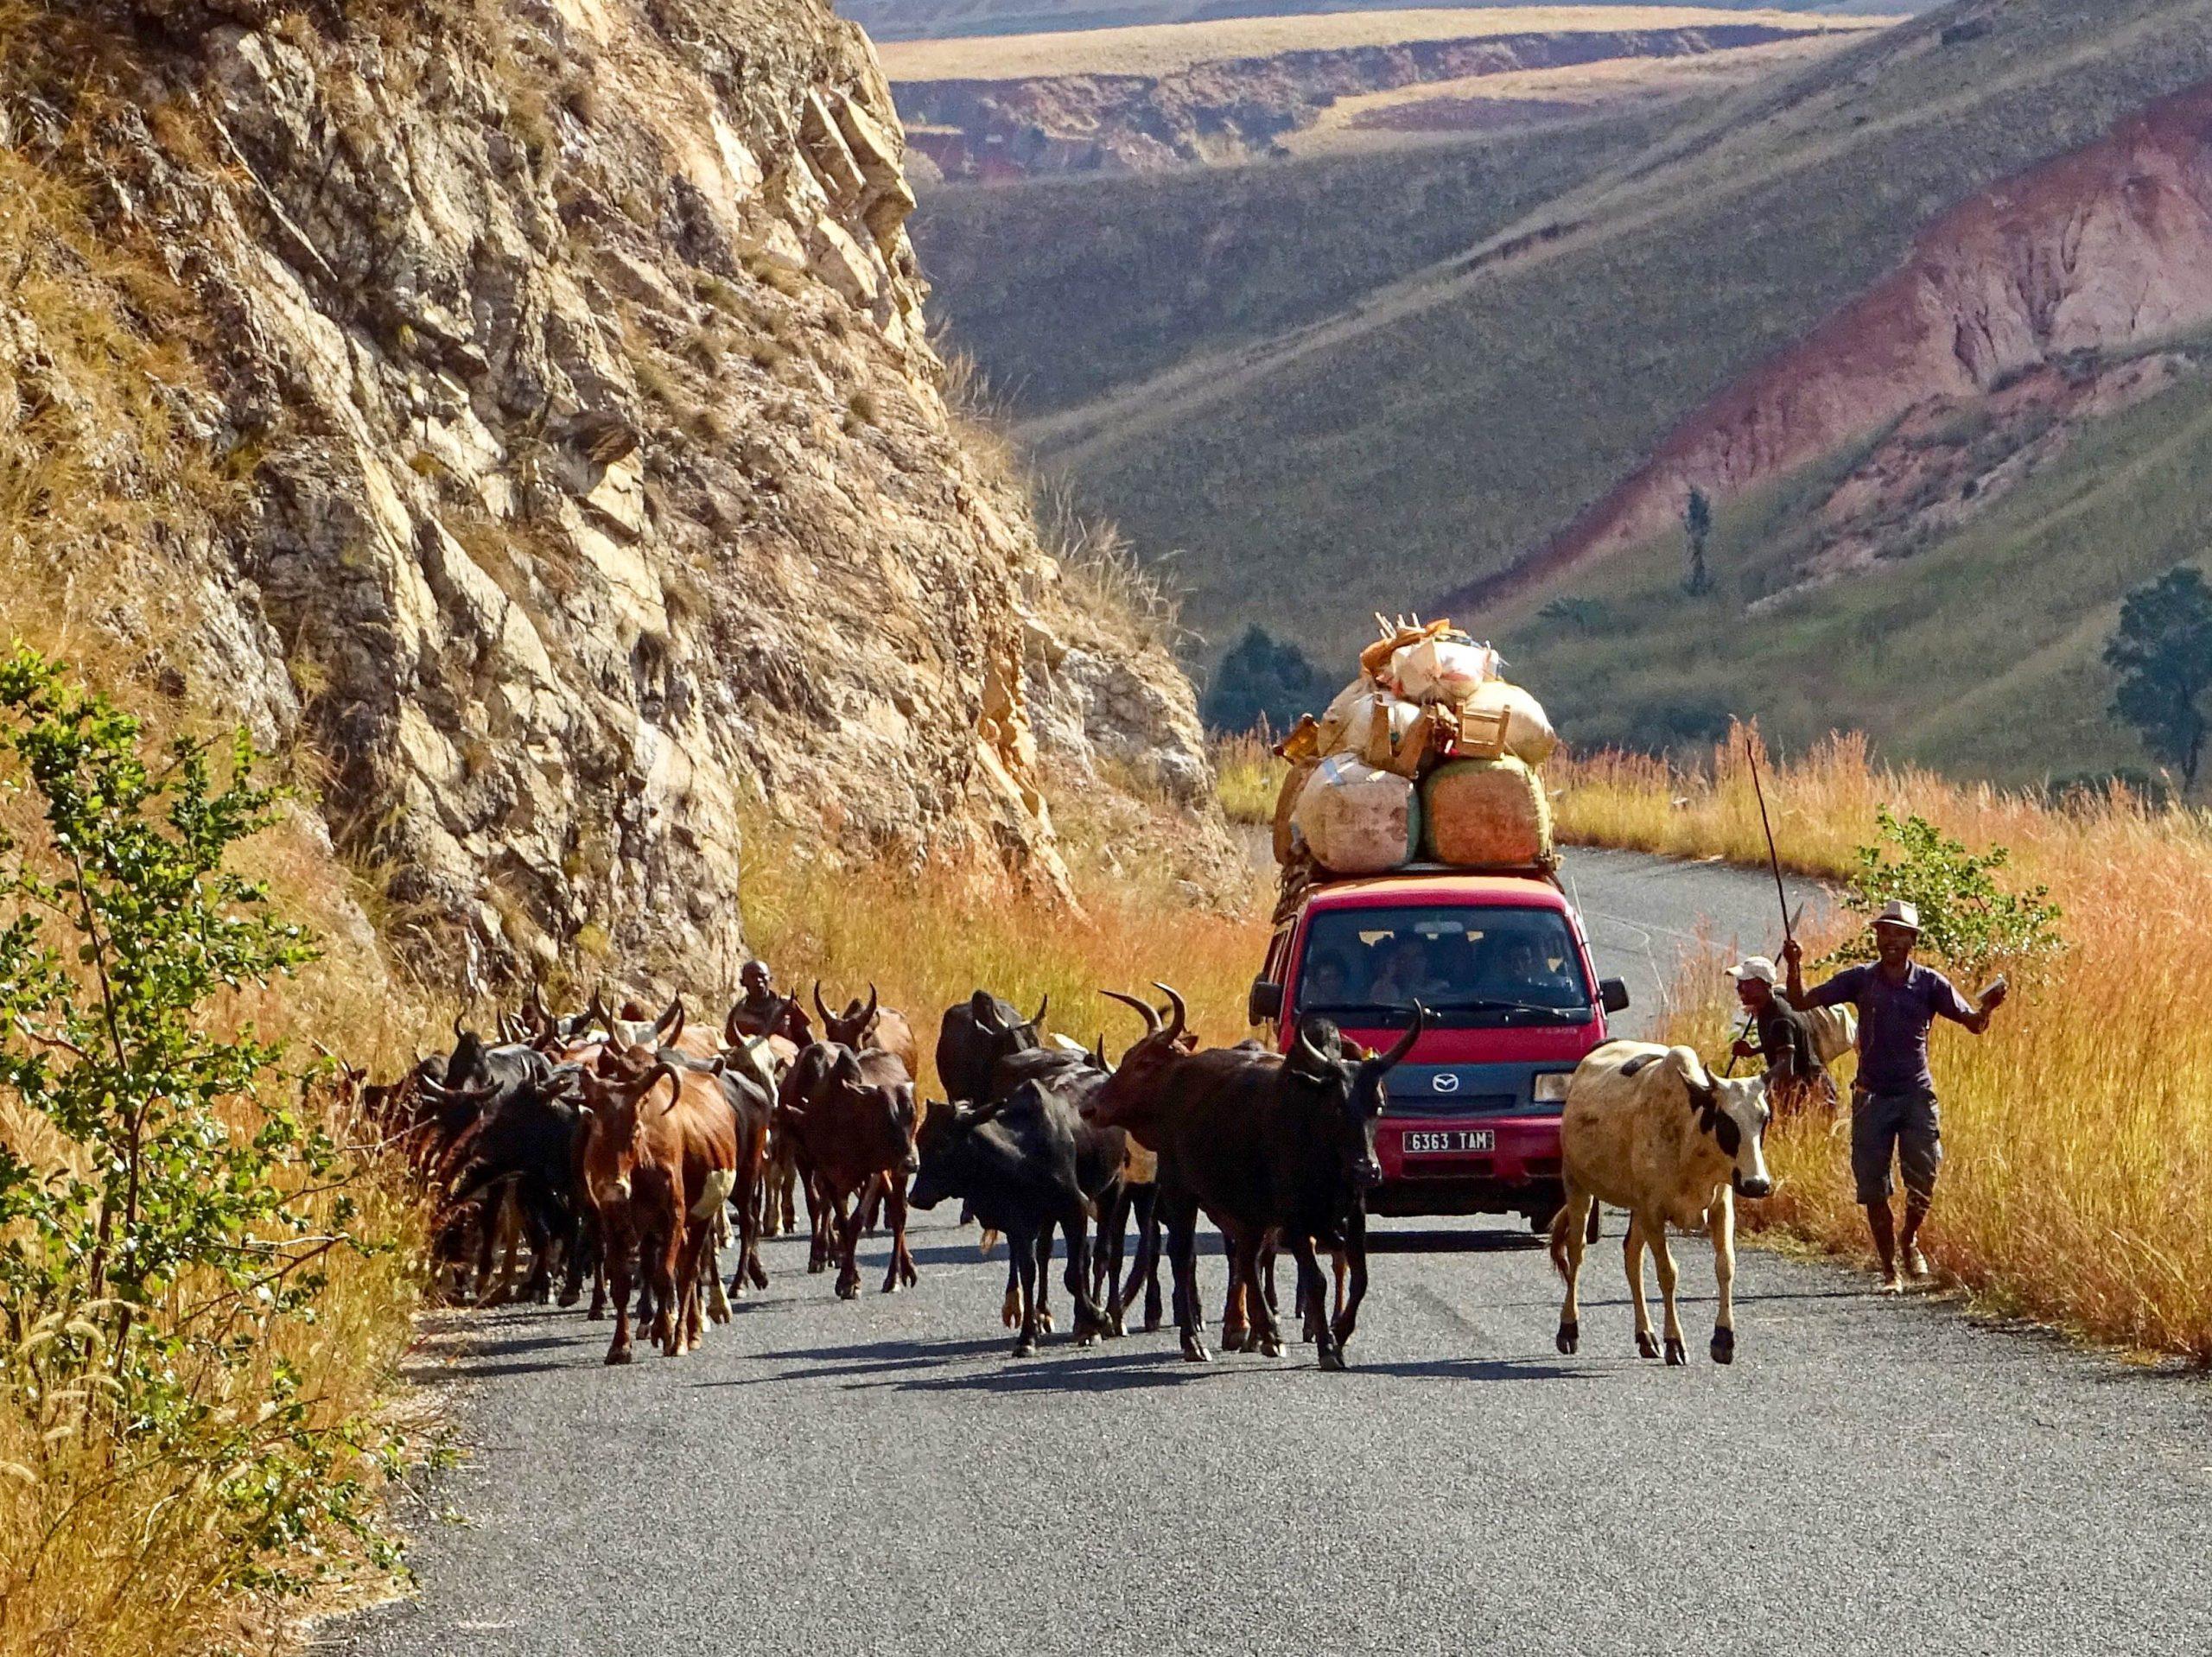 Een herder dirigeert zijn kudde op de Route National 35